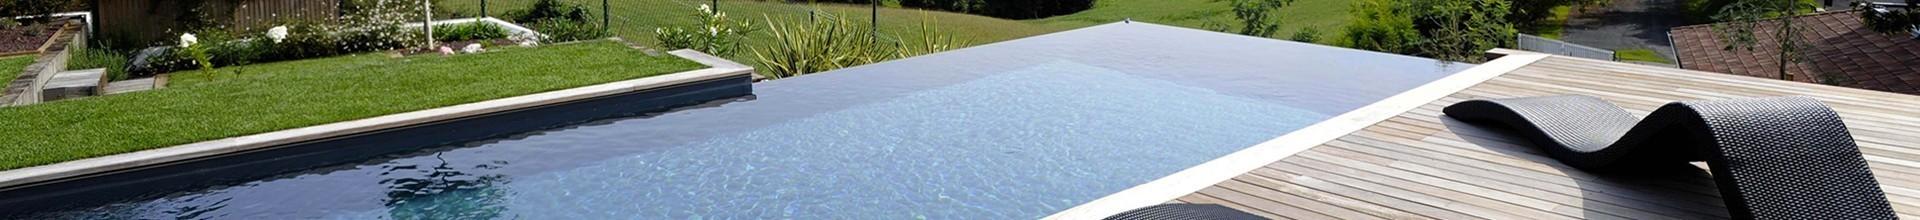 Luxembourg conception conteneur piscine coque sur mesure Ettelbruck